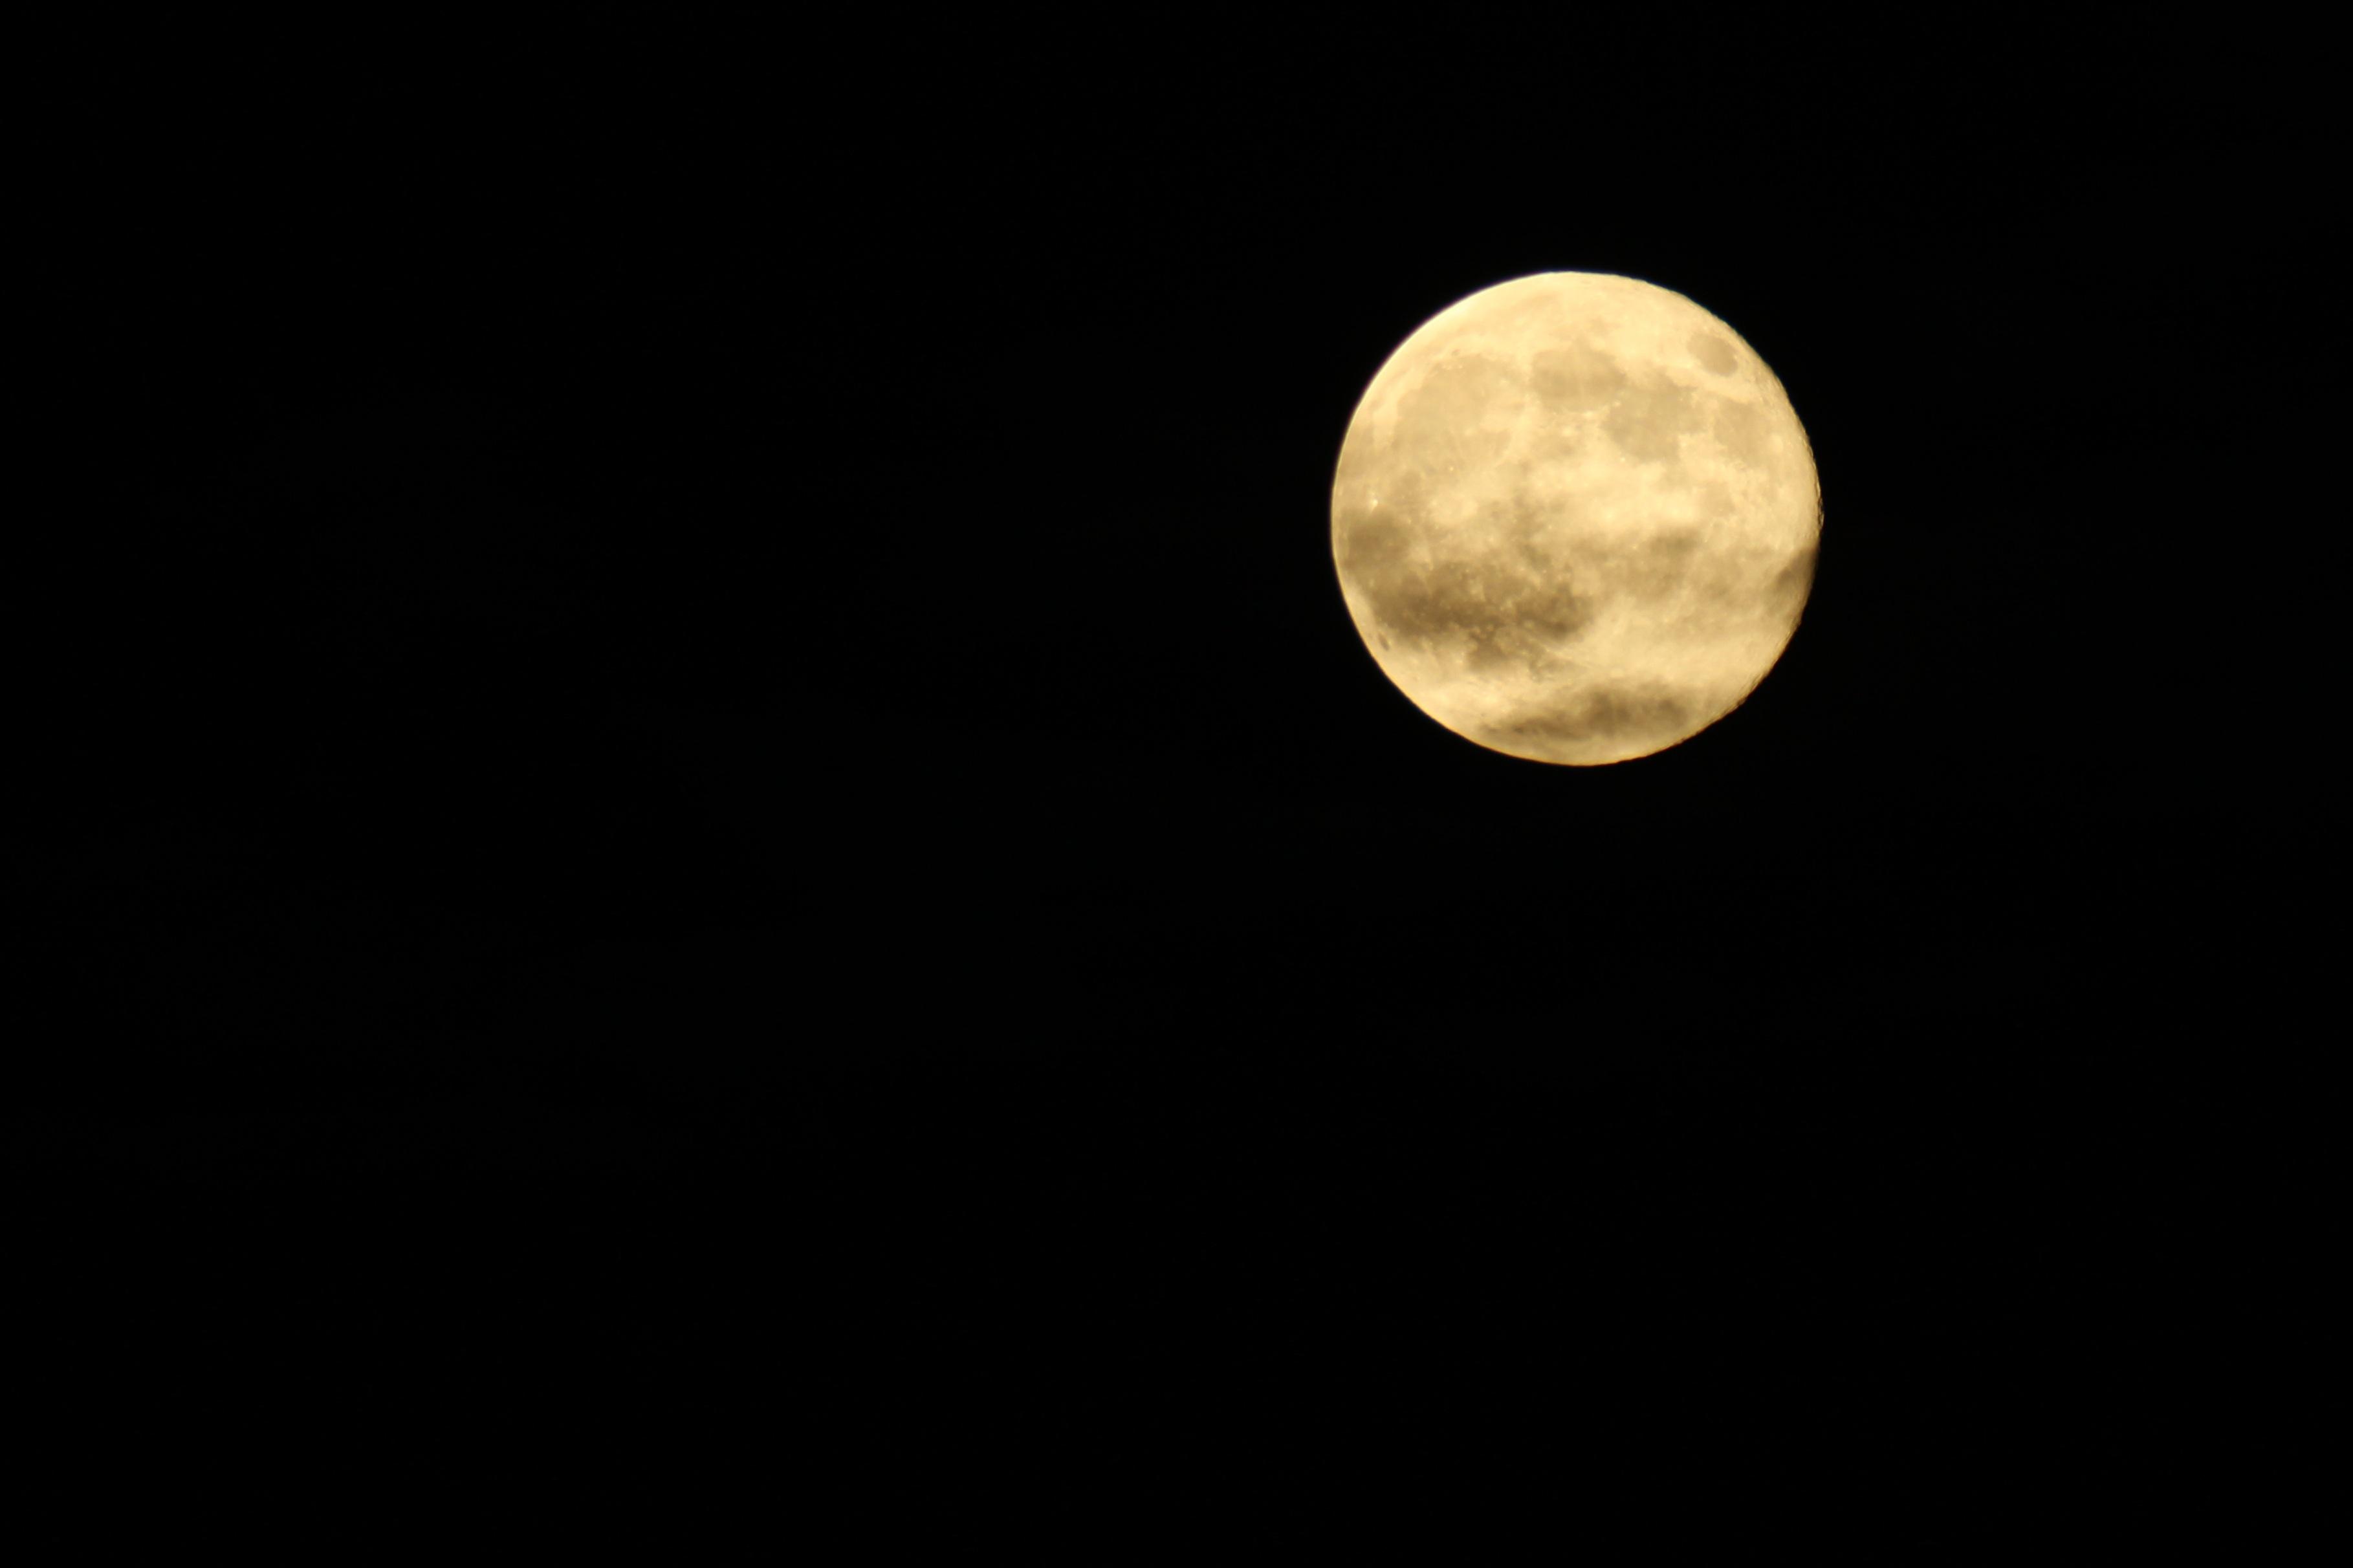 Free Images : sky, night, atmosphere, dark, halloween, full moon ...